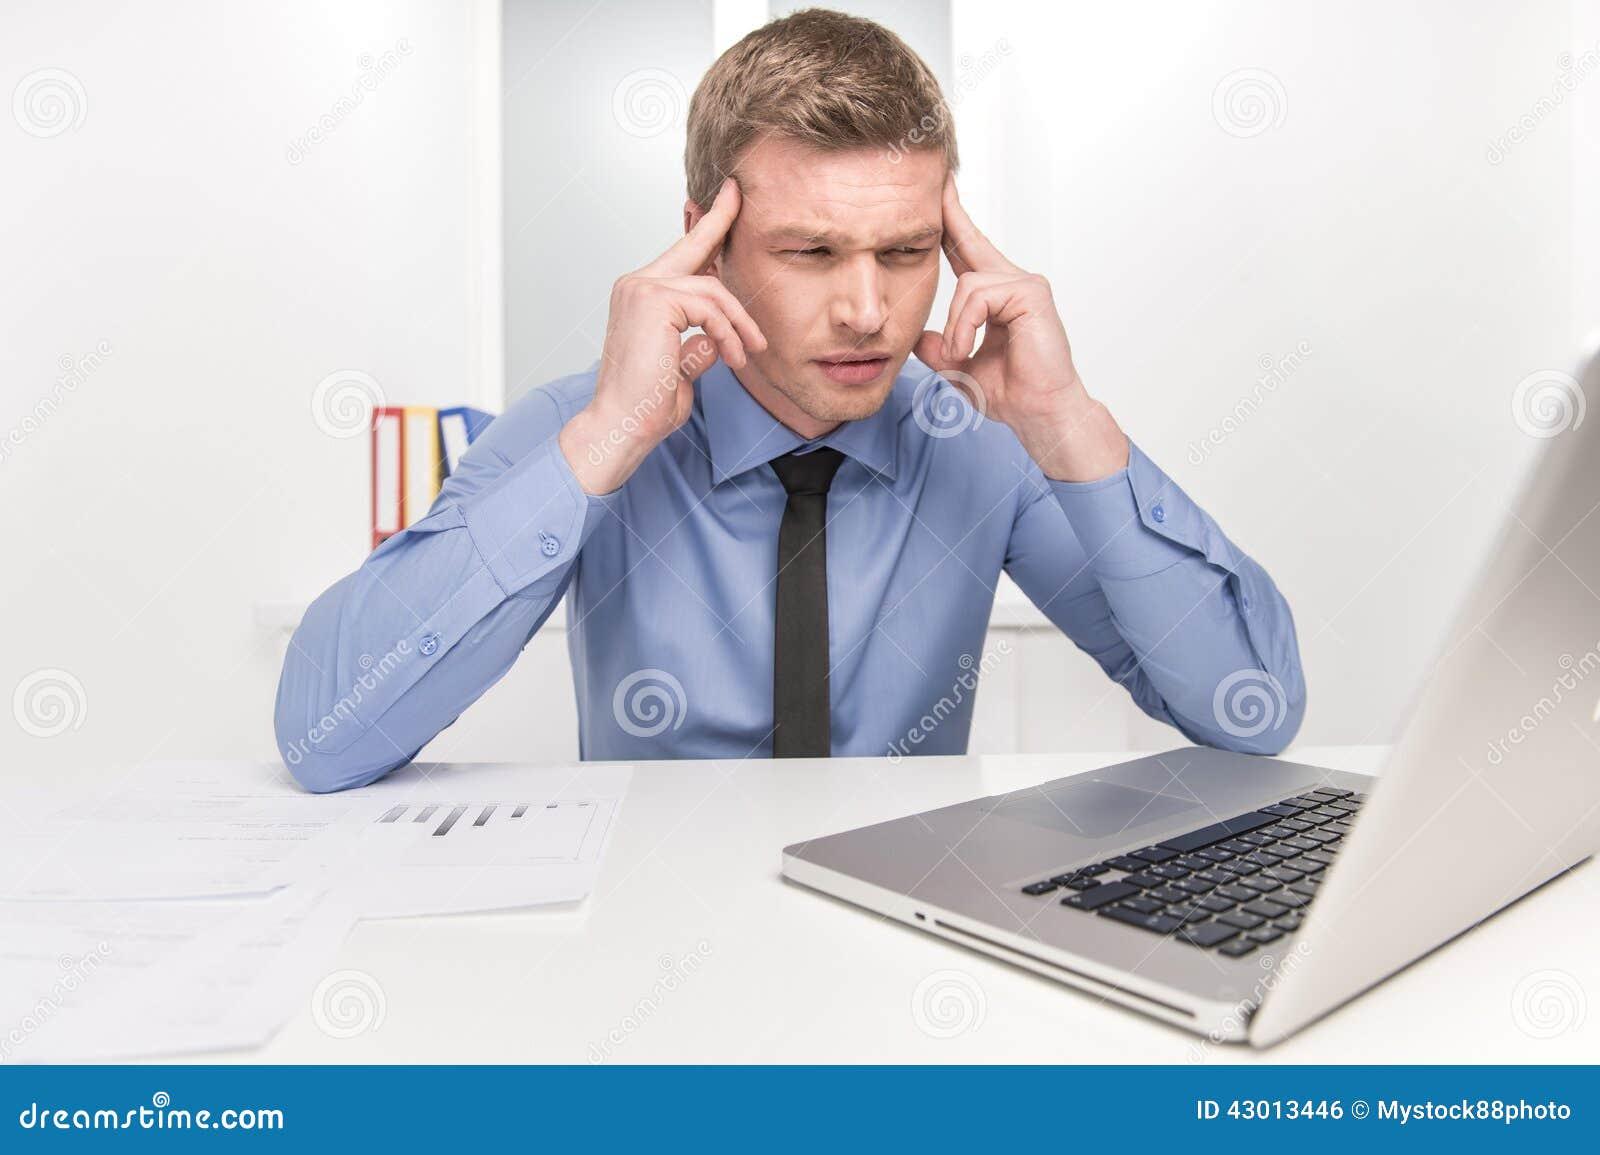 huvudvärk och trötthet